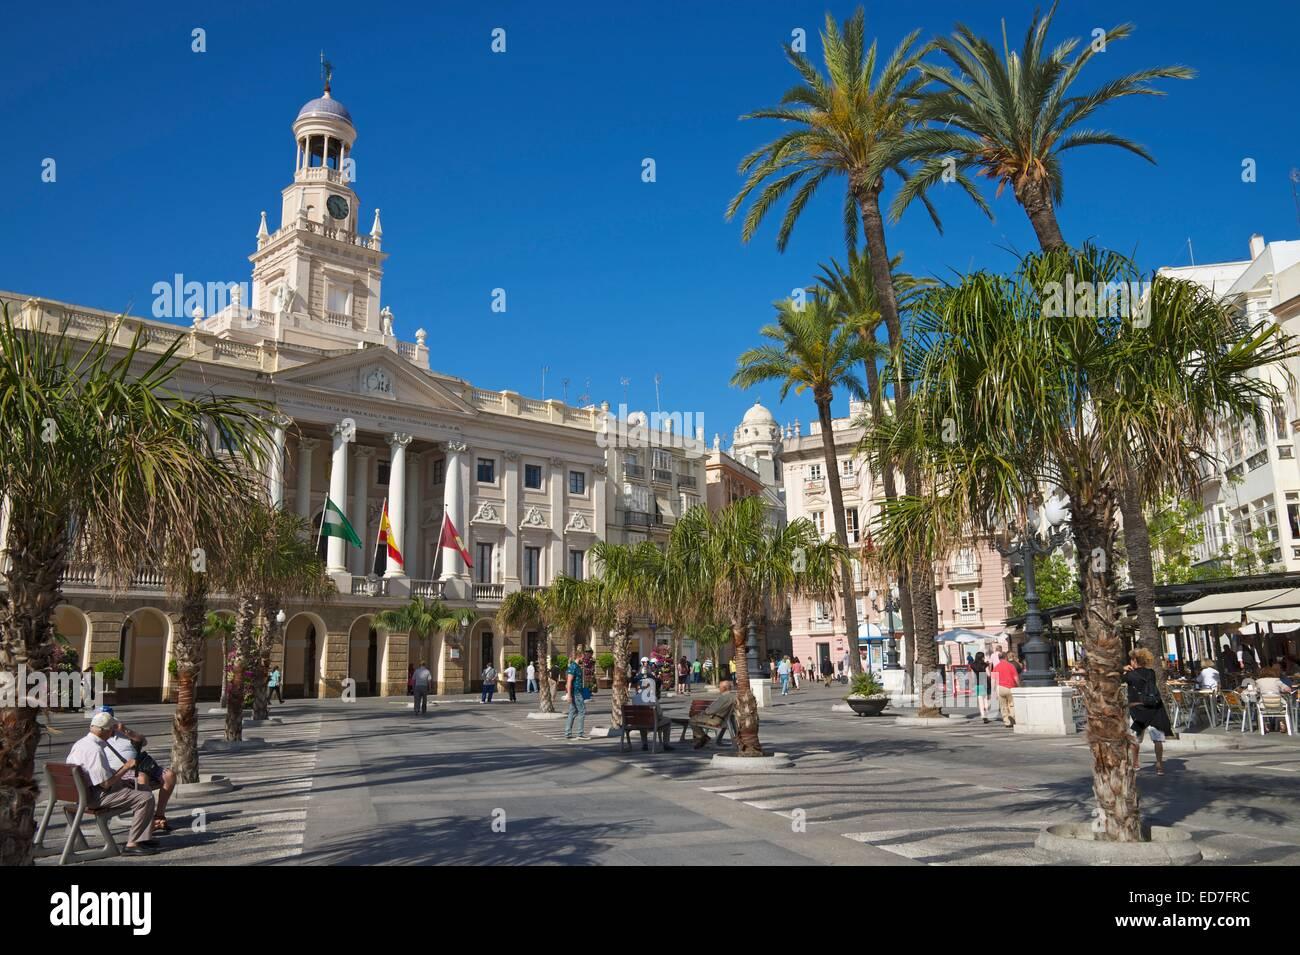 Plaza San Juan de Dios avec la Mairie, Cadix, Costa de la Luz, Andalousie, Espagne Banque D'Images